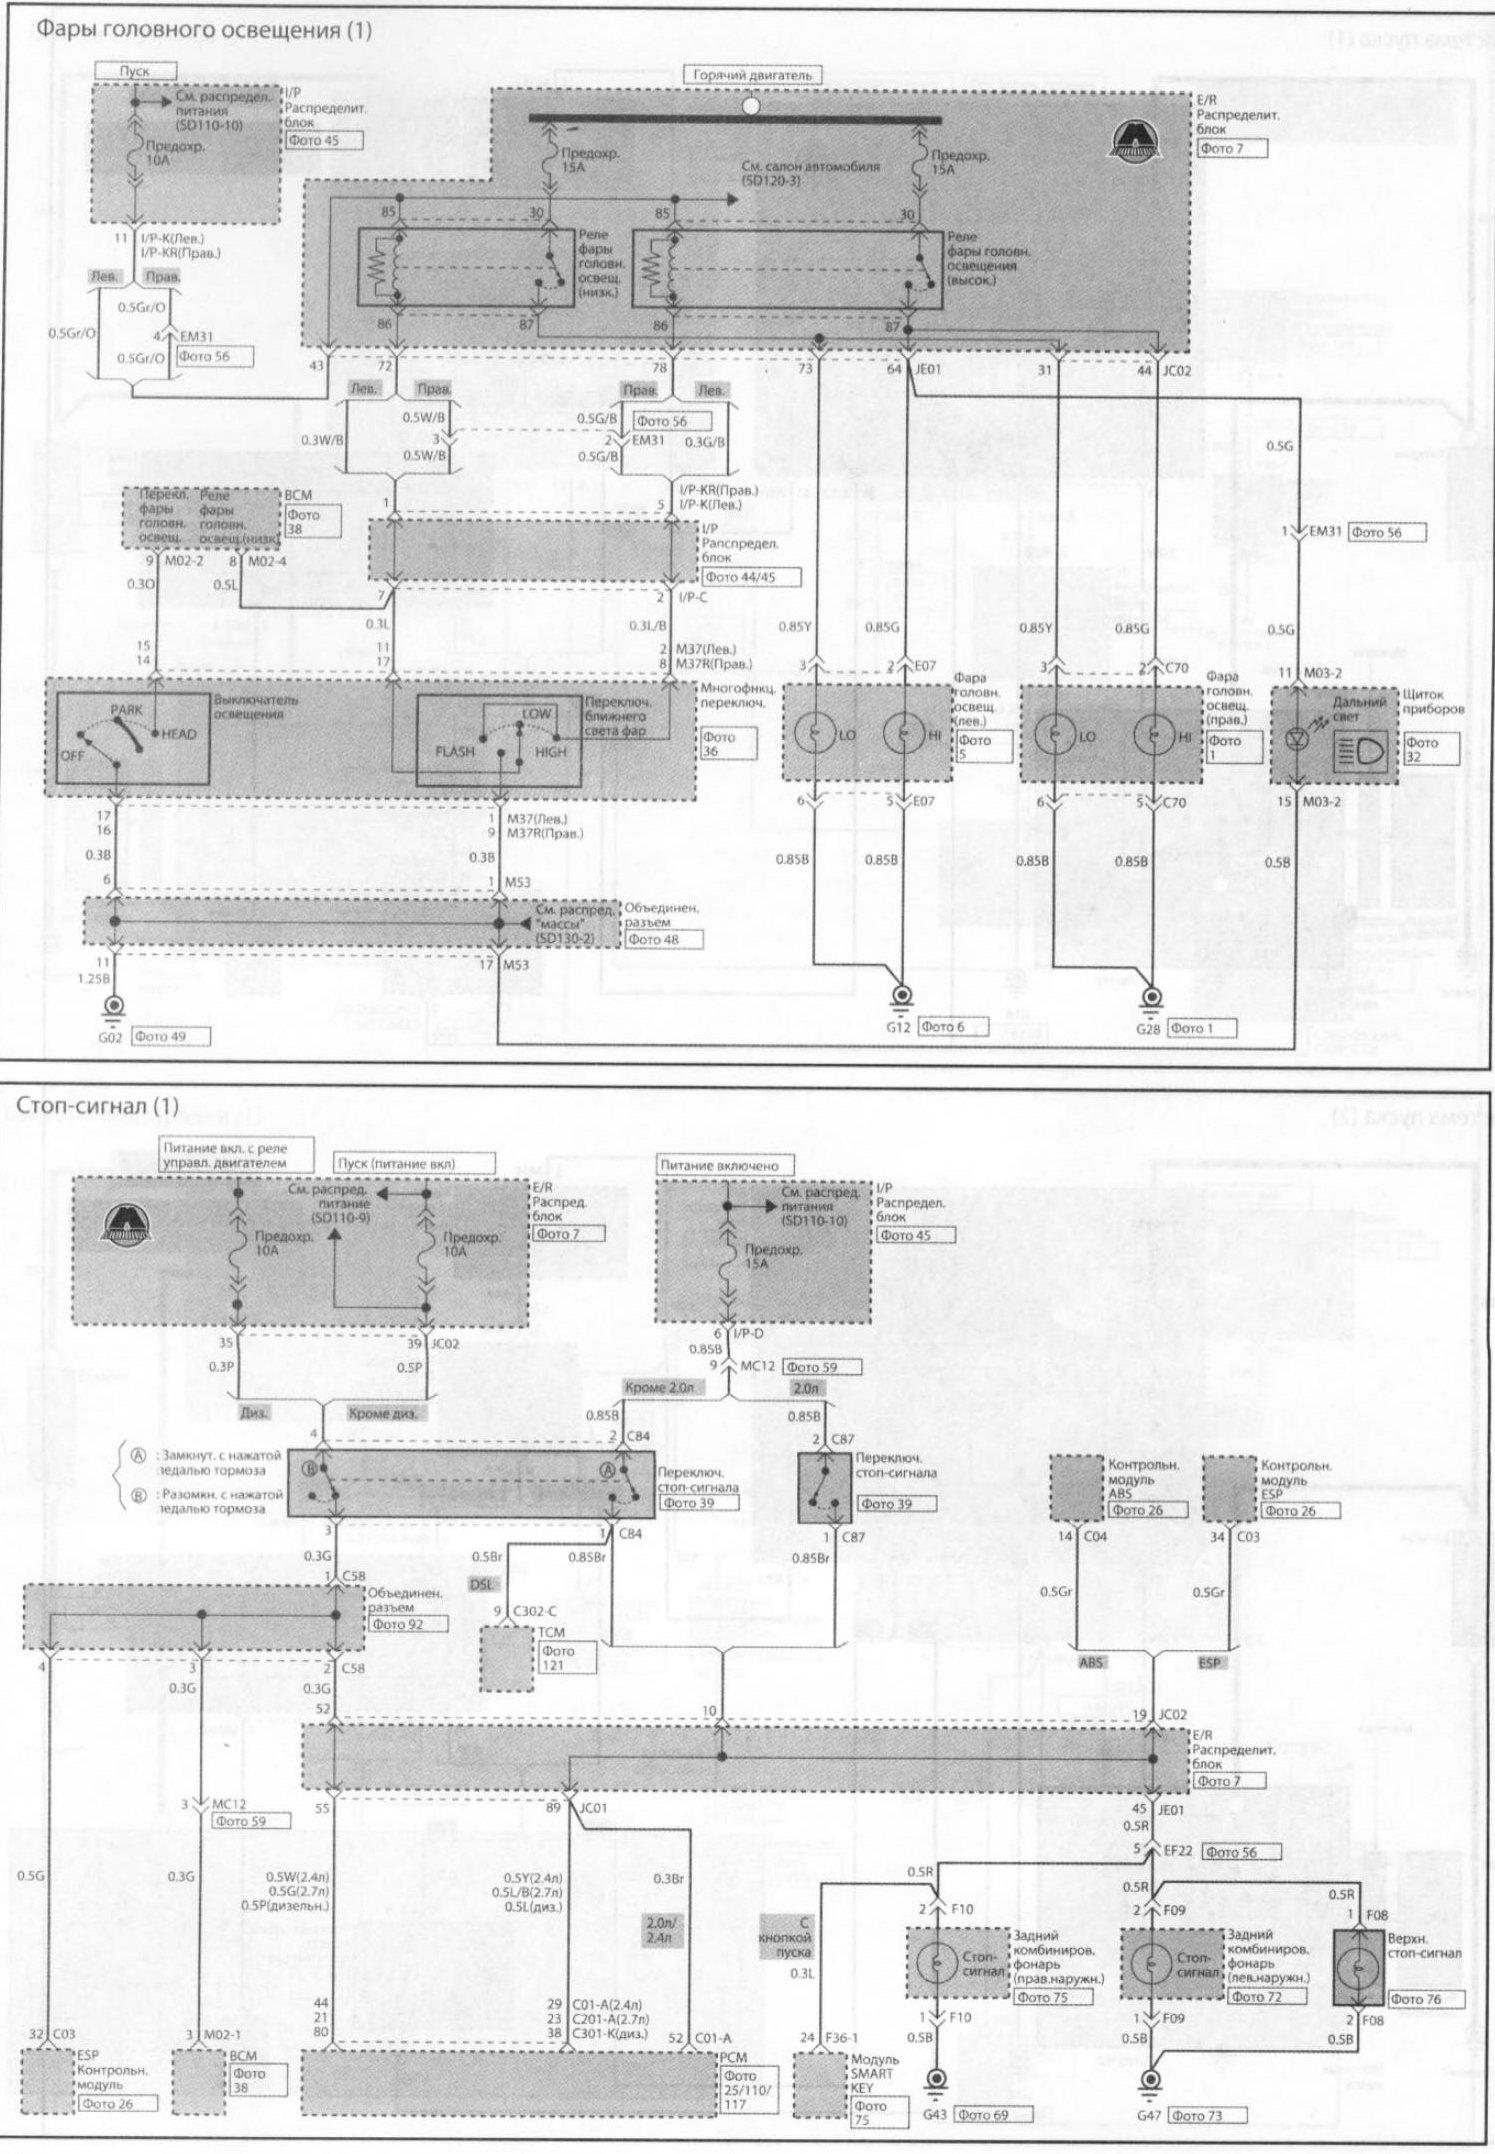 Wiring Diagram 1996 Kia Sportage Auto Electrical Http Wwwpic2flycom Doubleswitchwiringdiagramhtml 2001 Pdf 36